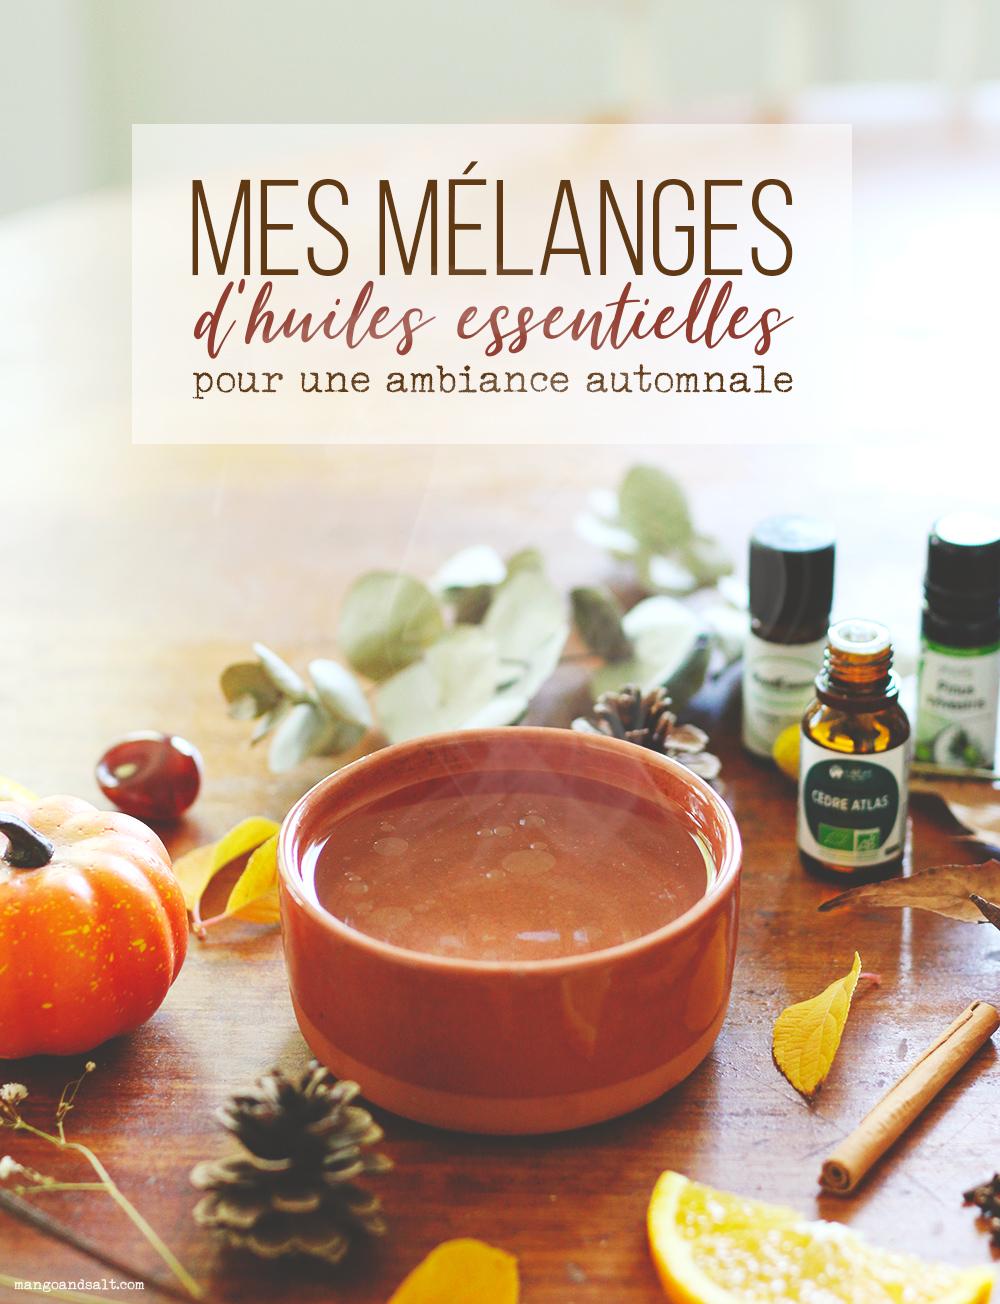 5 mélanges d'huiles essentielles pour une ambiance automnale - Mango & Salt